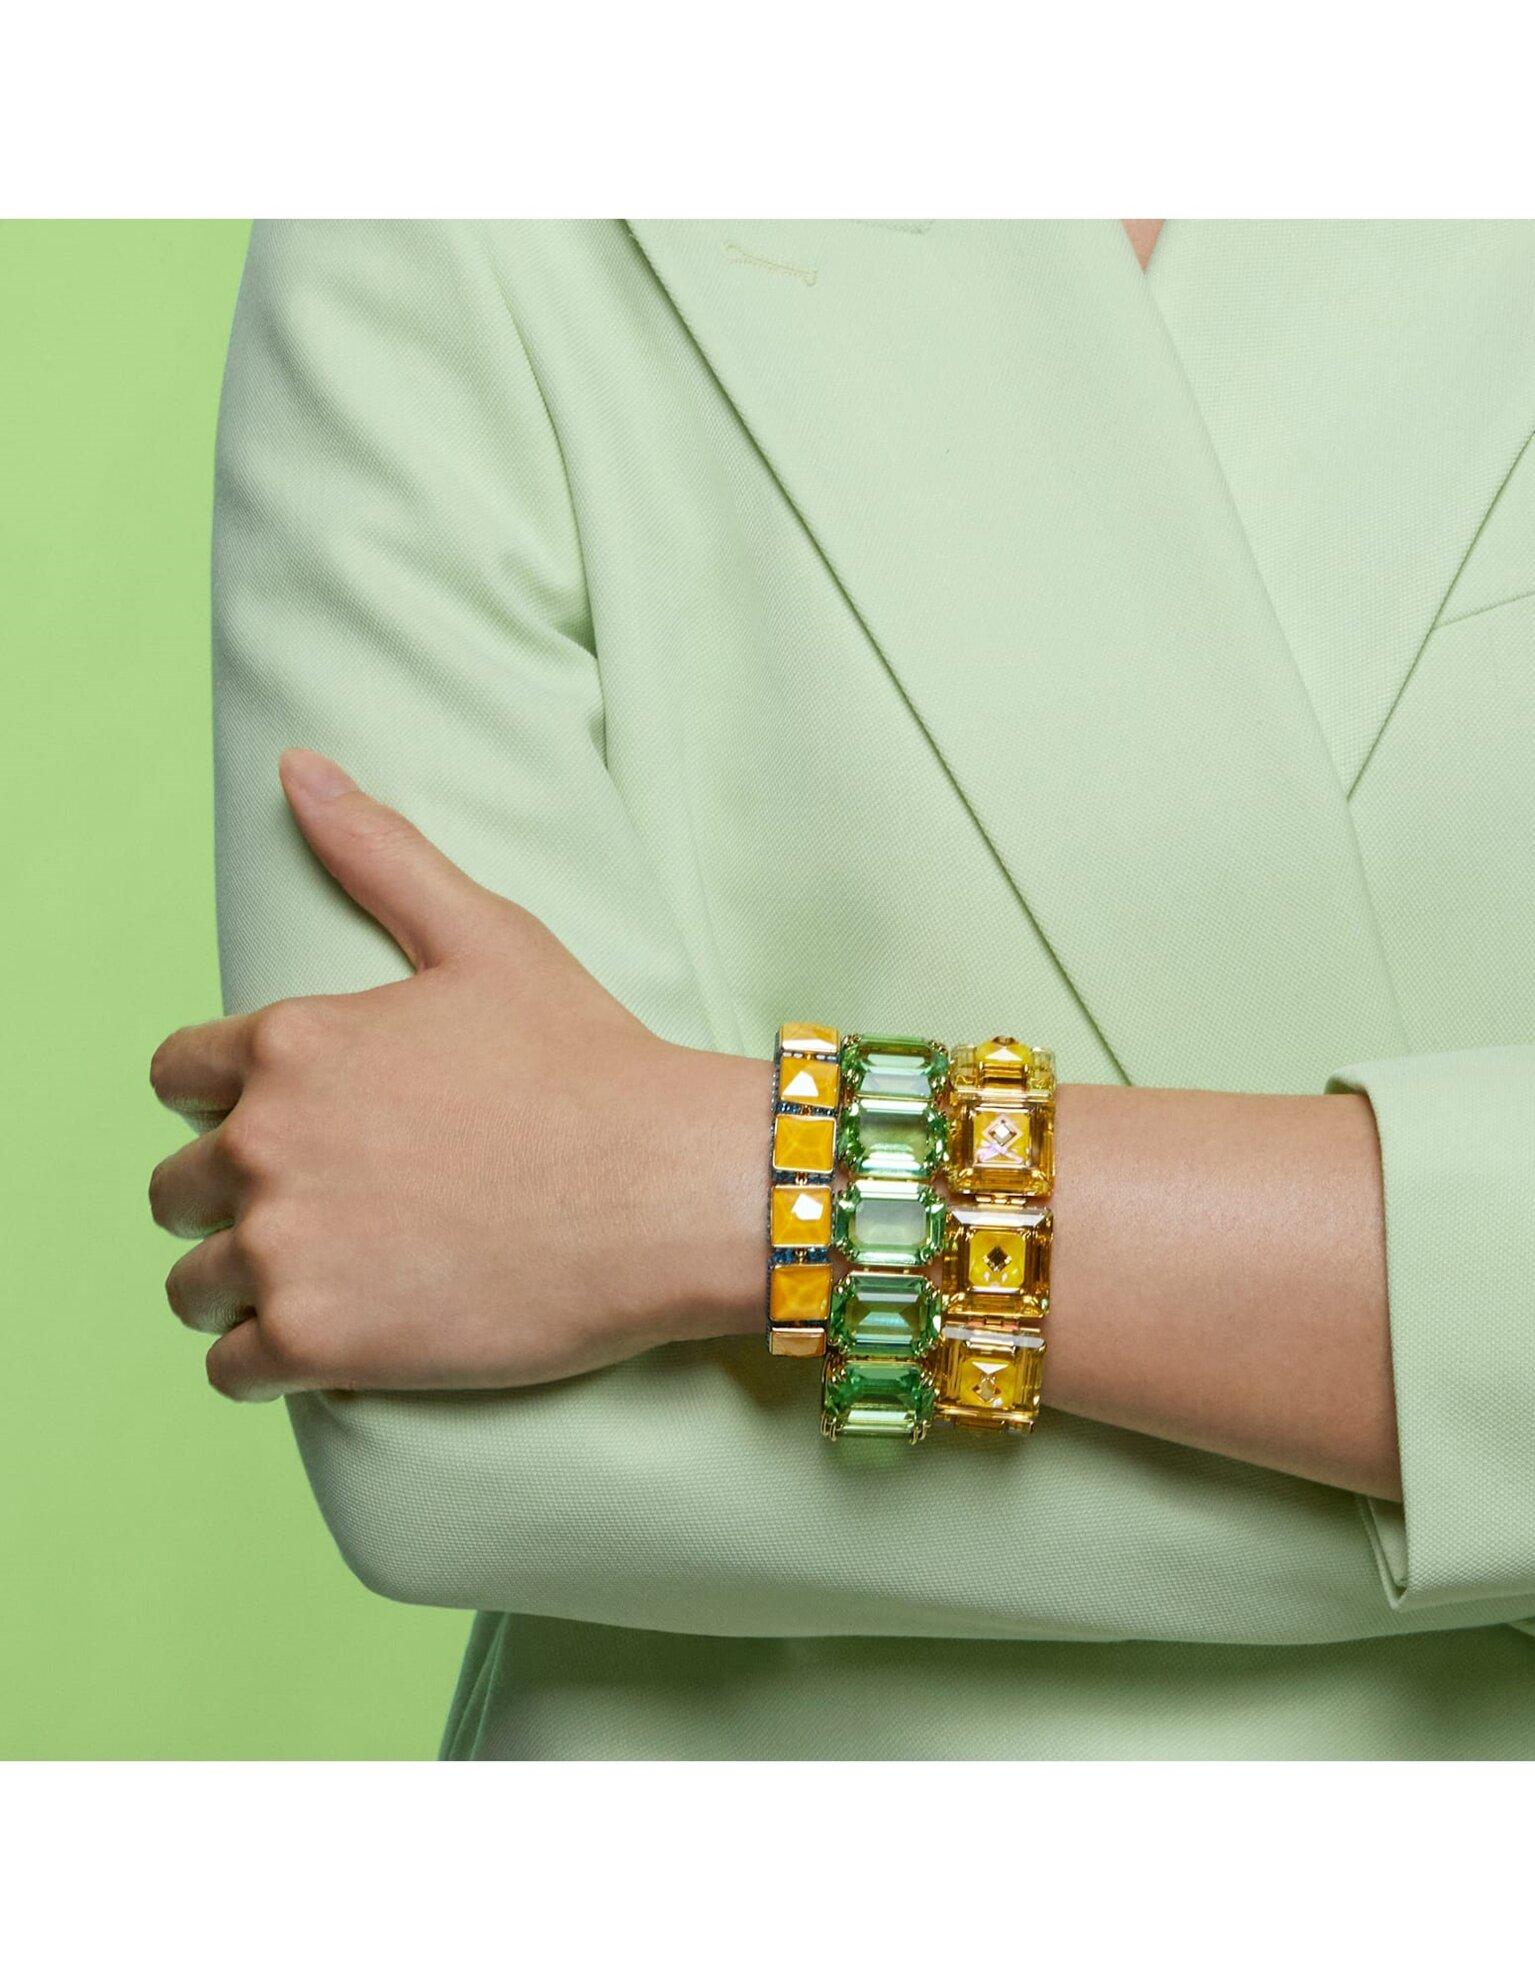 Picture of Chroma Bileklik, Yastık kesim kristaller, Sarı, Altın rengi kaplama